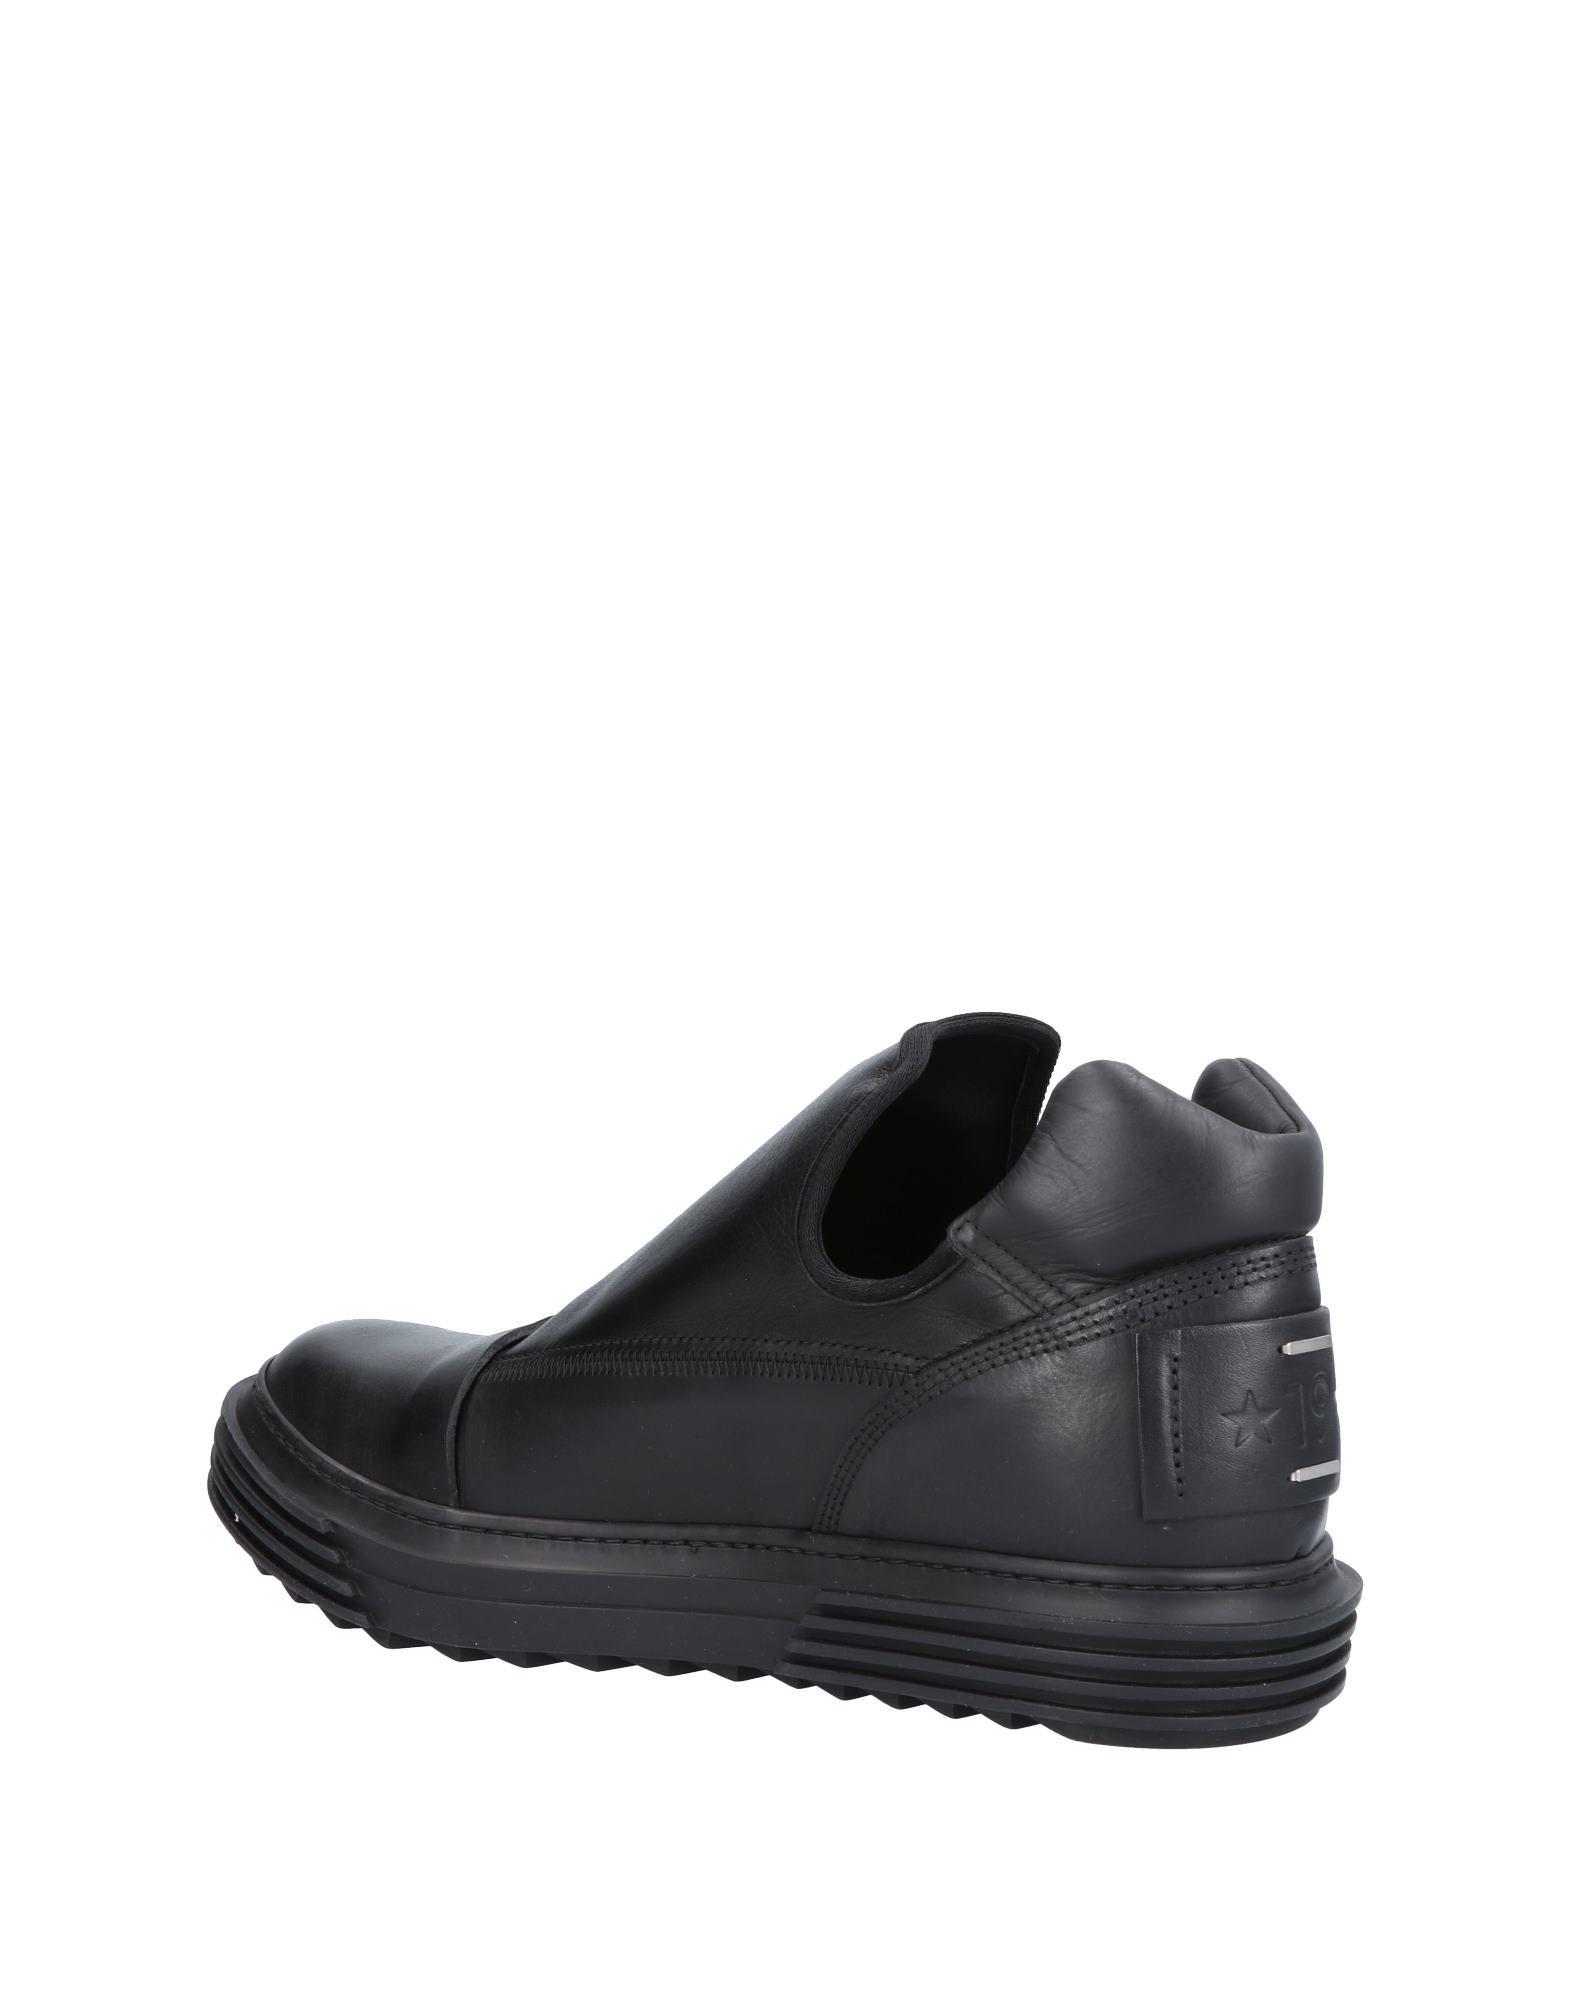 Artselab Sneakers Herren  11464681UO Gute Qualität beliebte Schuhe